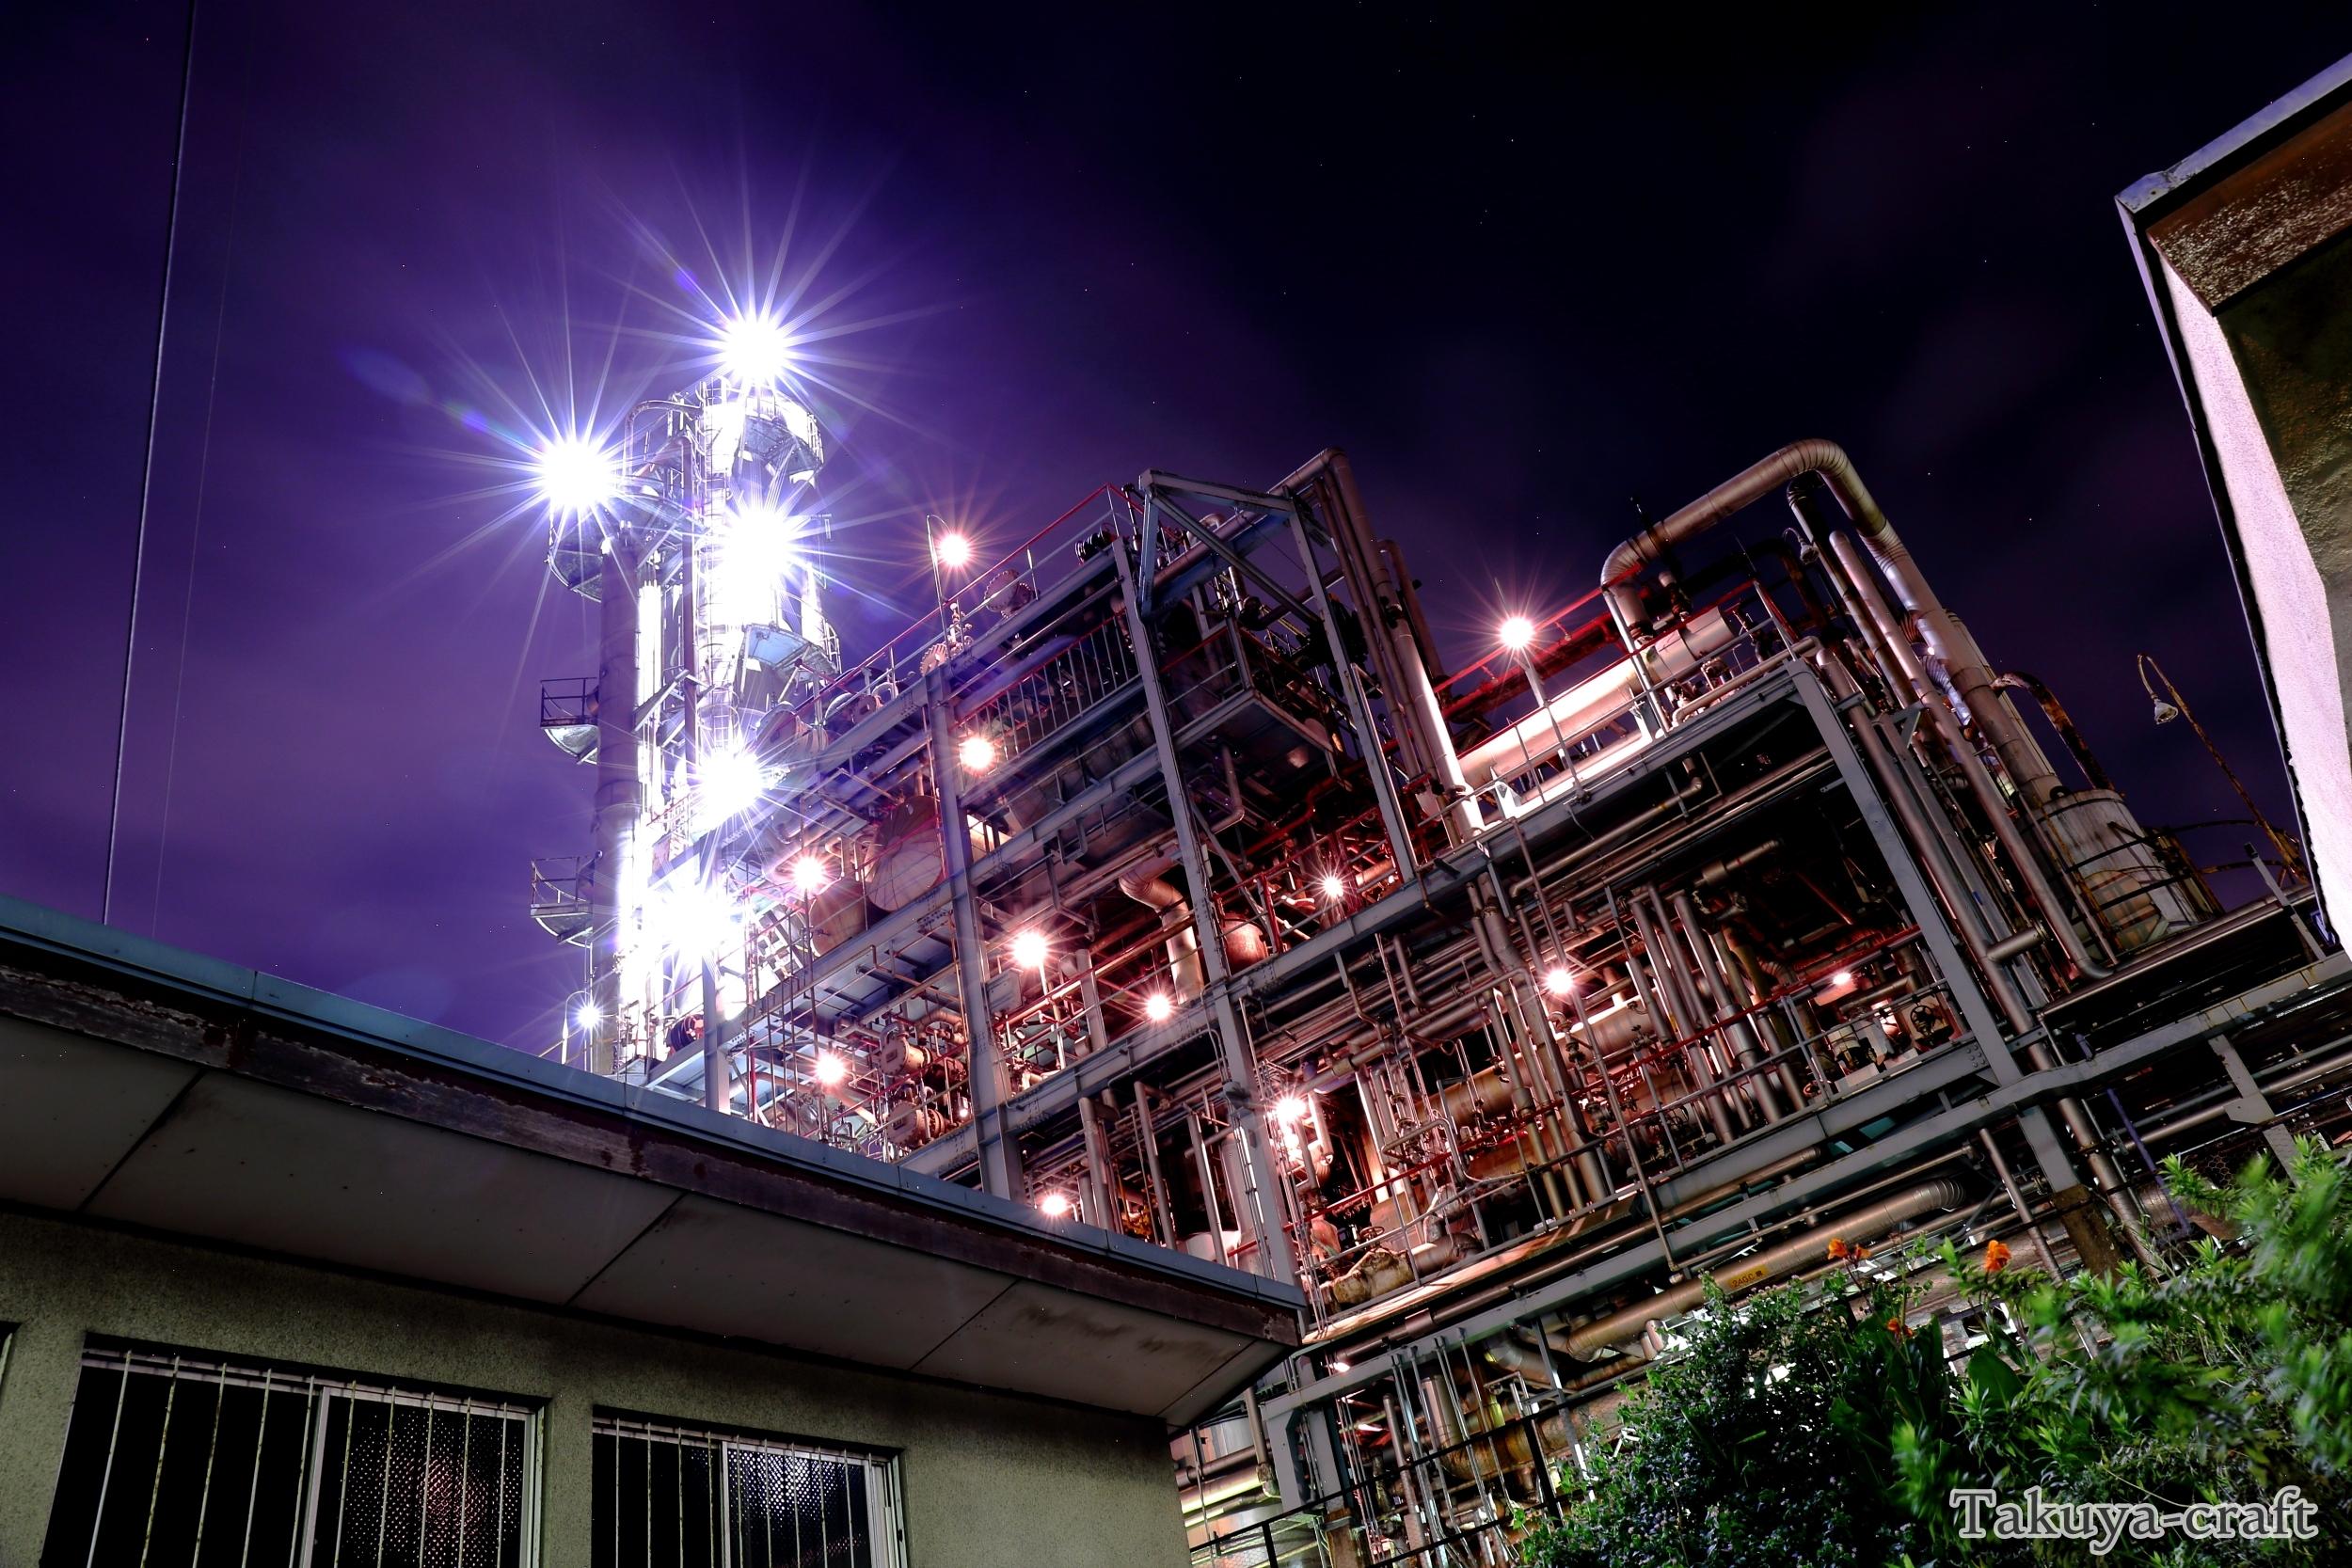 地帯 夜景 工場